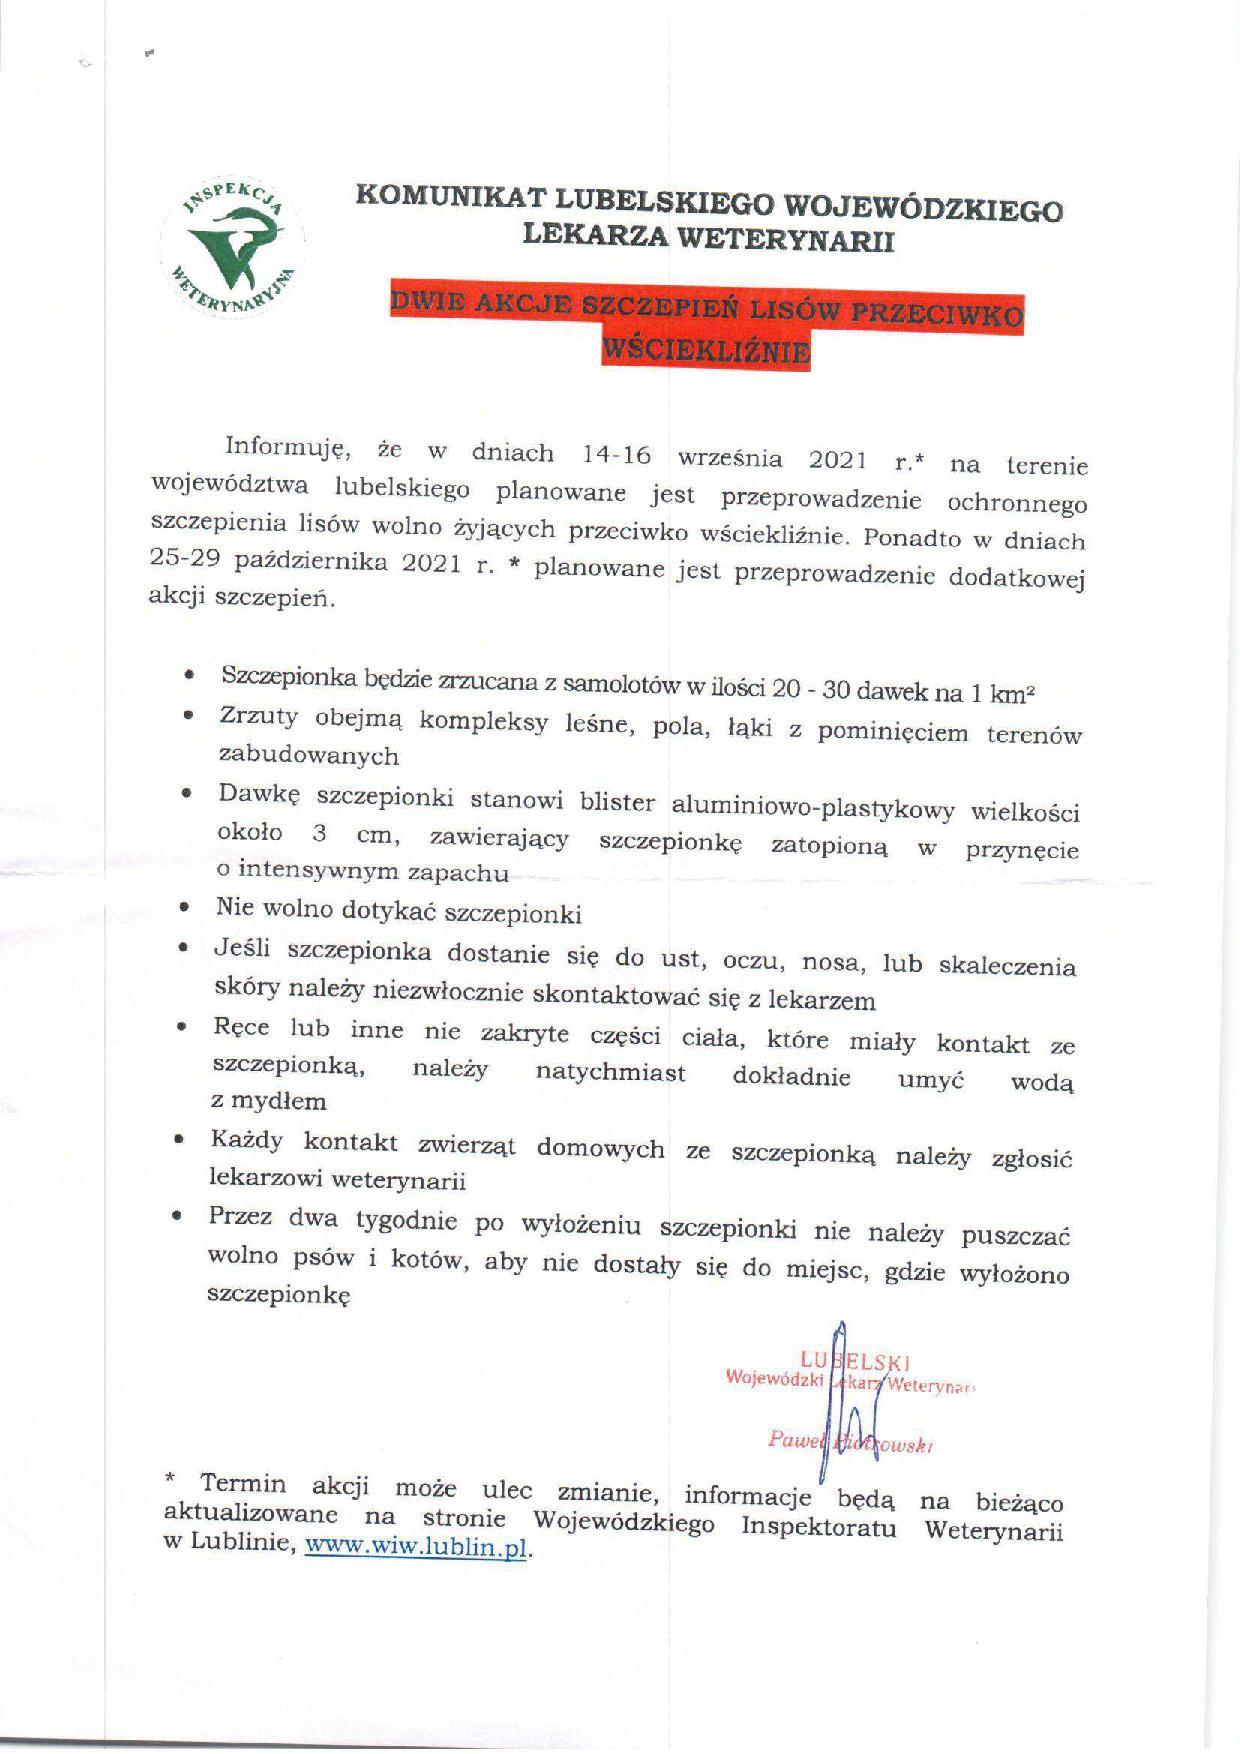 Komunikat-Wojewodzkiego-Lekarza-Wetertynarii-1